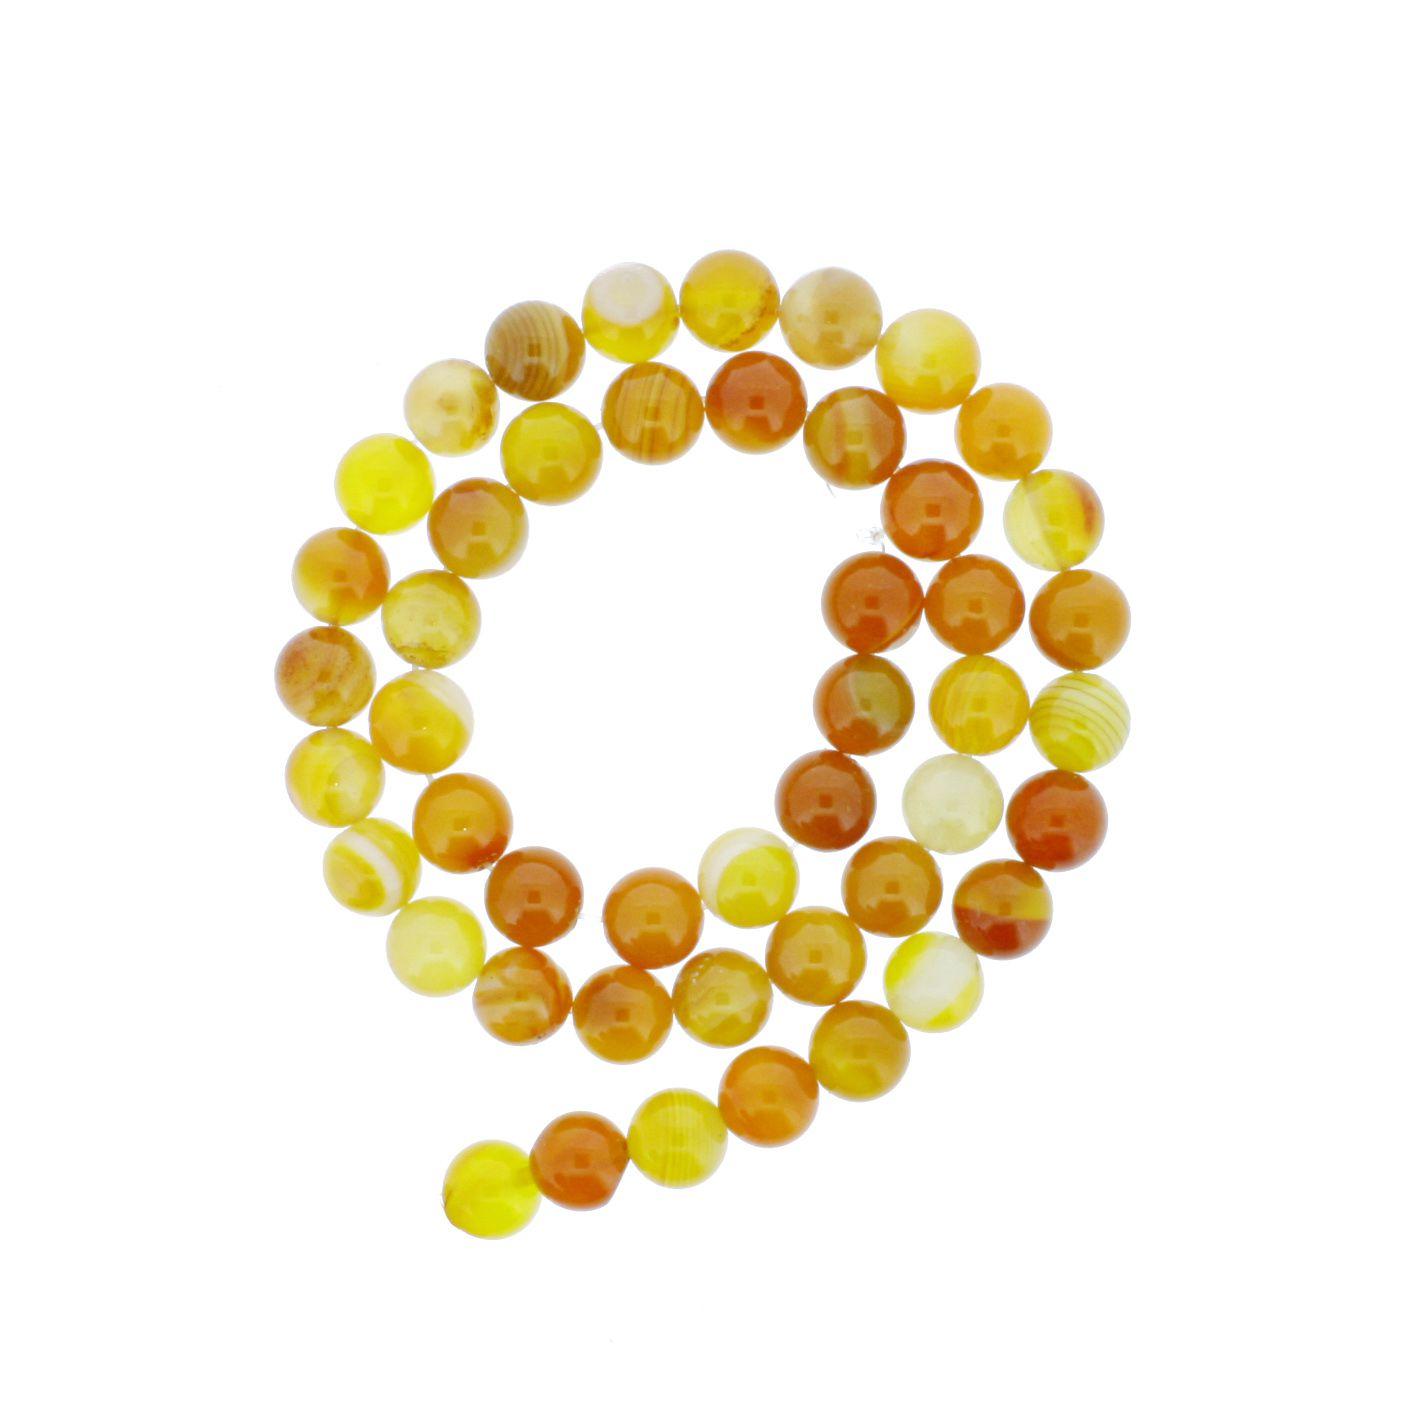 Fio de Pedra - Ágata Mix Laranja - 8mm  - Stéphanie Bijoux® - Peças para Bijuterias e Artesanato